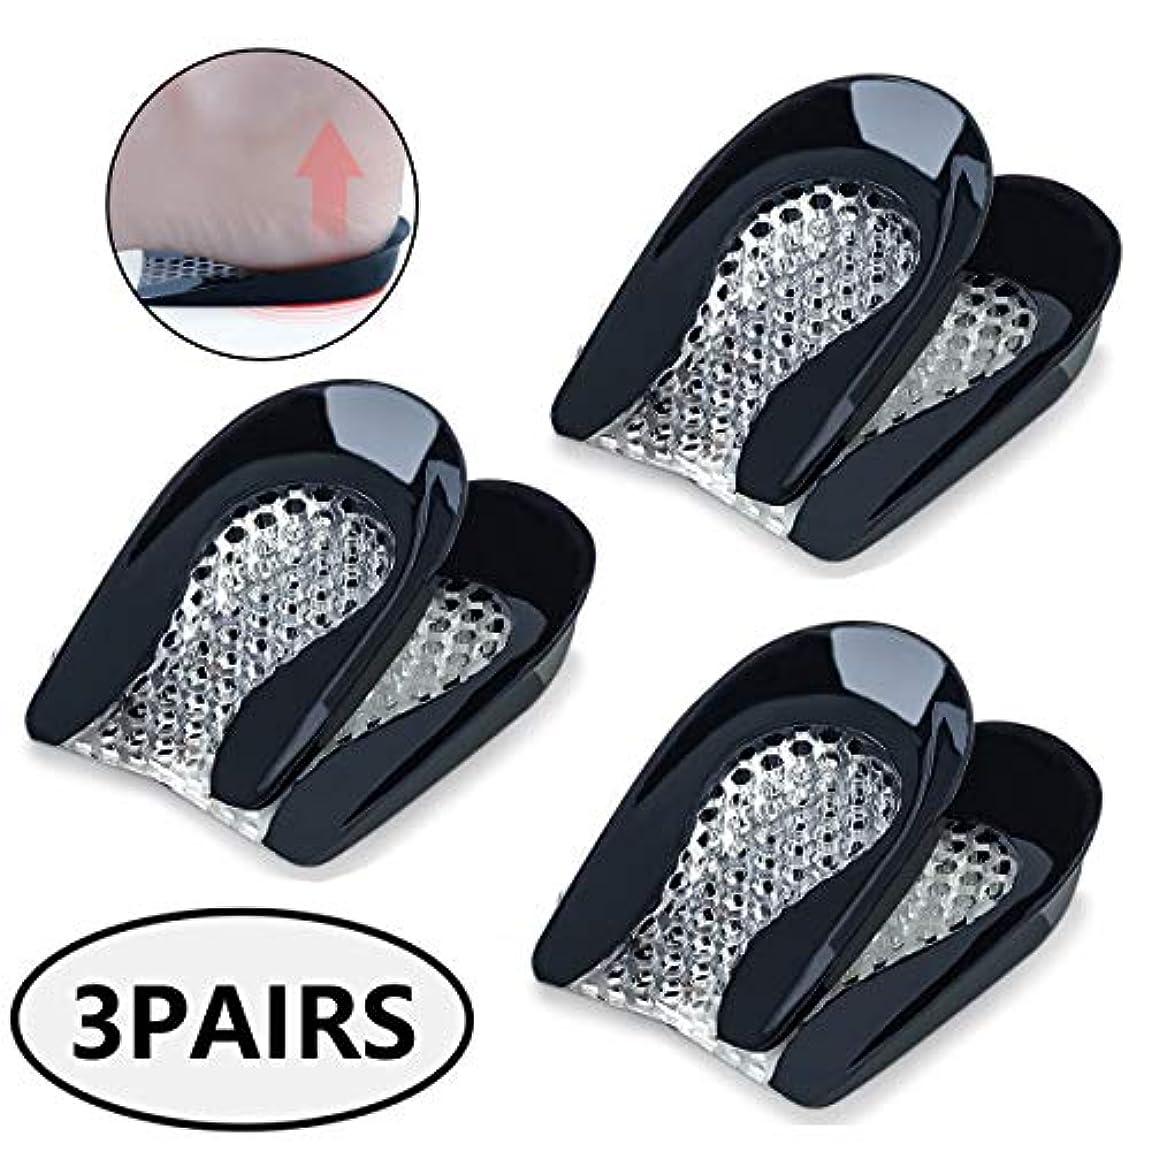 整形外科靴の中敷の靴の挿入物-かかとの痛み、かかとのかかと、アキレス腱炎のかかとカップ-女性用かかとジェルパッド(3組)